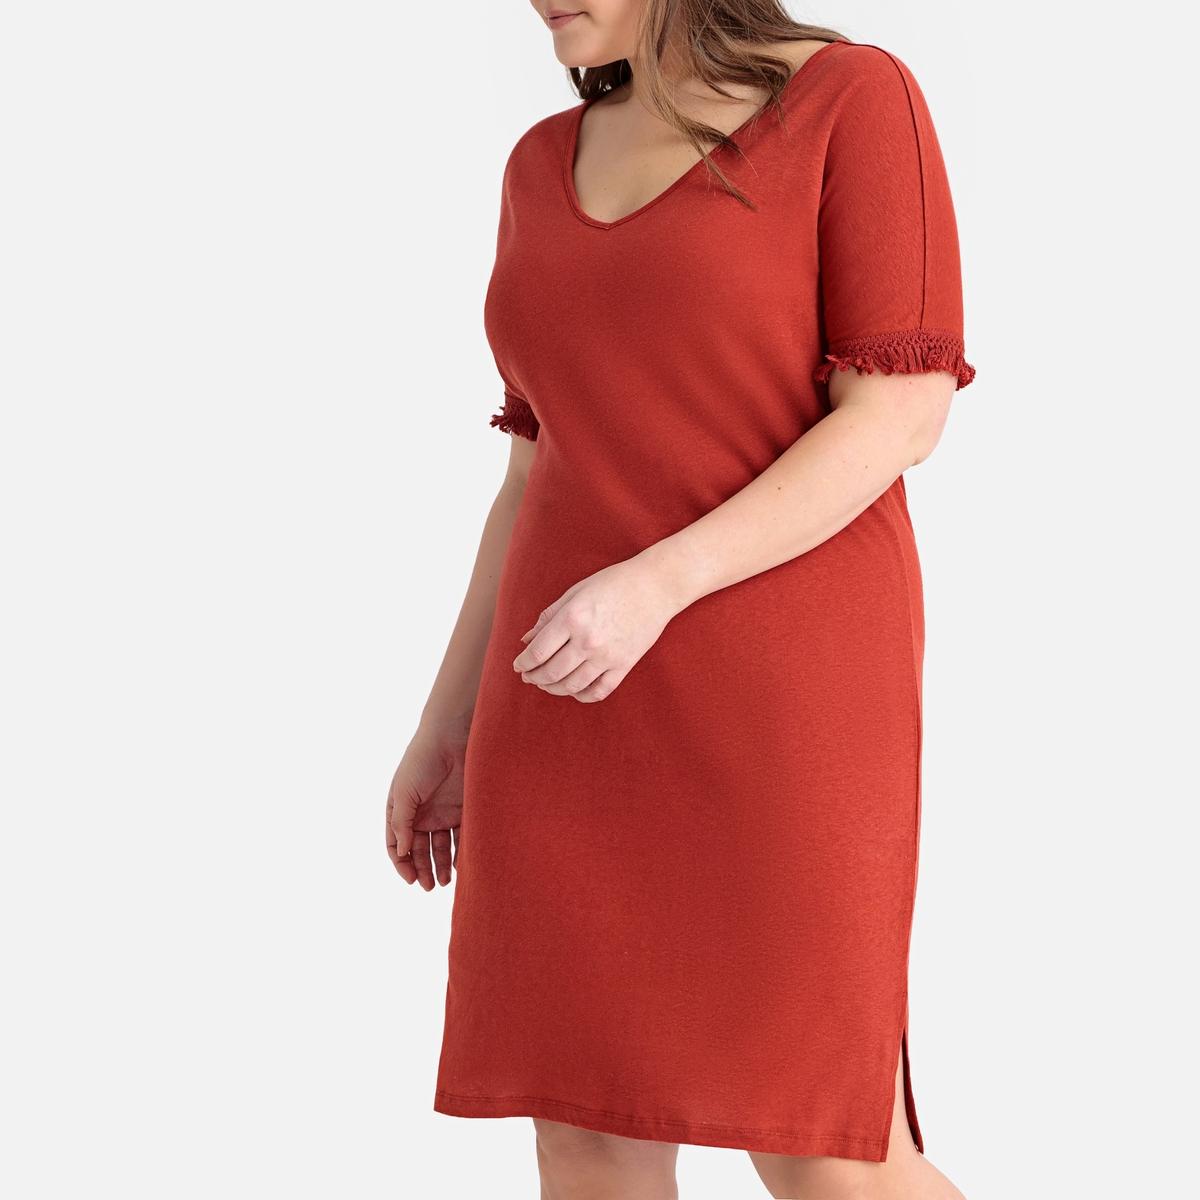 Платье La Redoute Из джерси из льна и хлопка с отделкой кантом с помпонами 42 (FR) - 48 (RUS) оранжевый